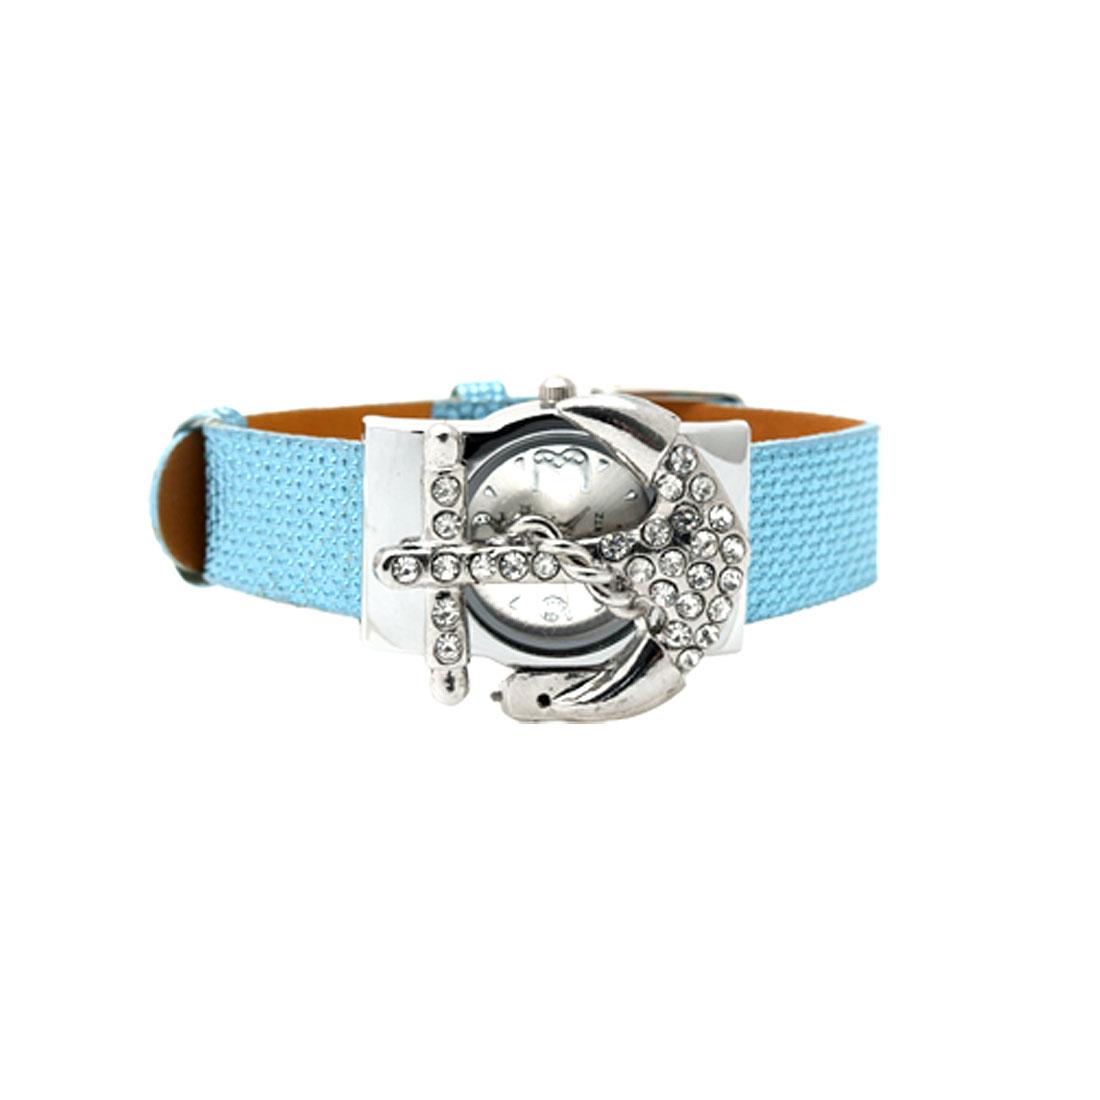 Fashion Jewelry Blue Leather Band Rhinestone Peltate Watch